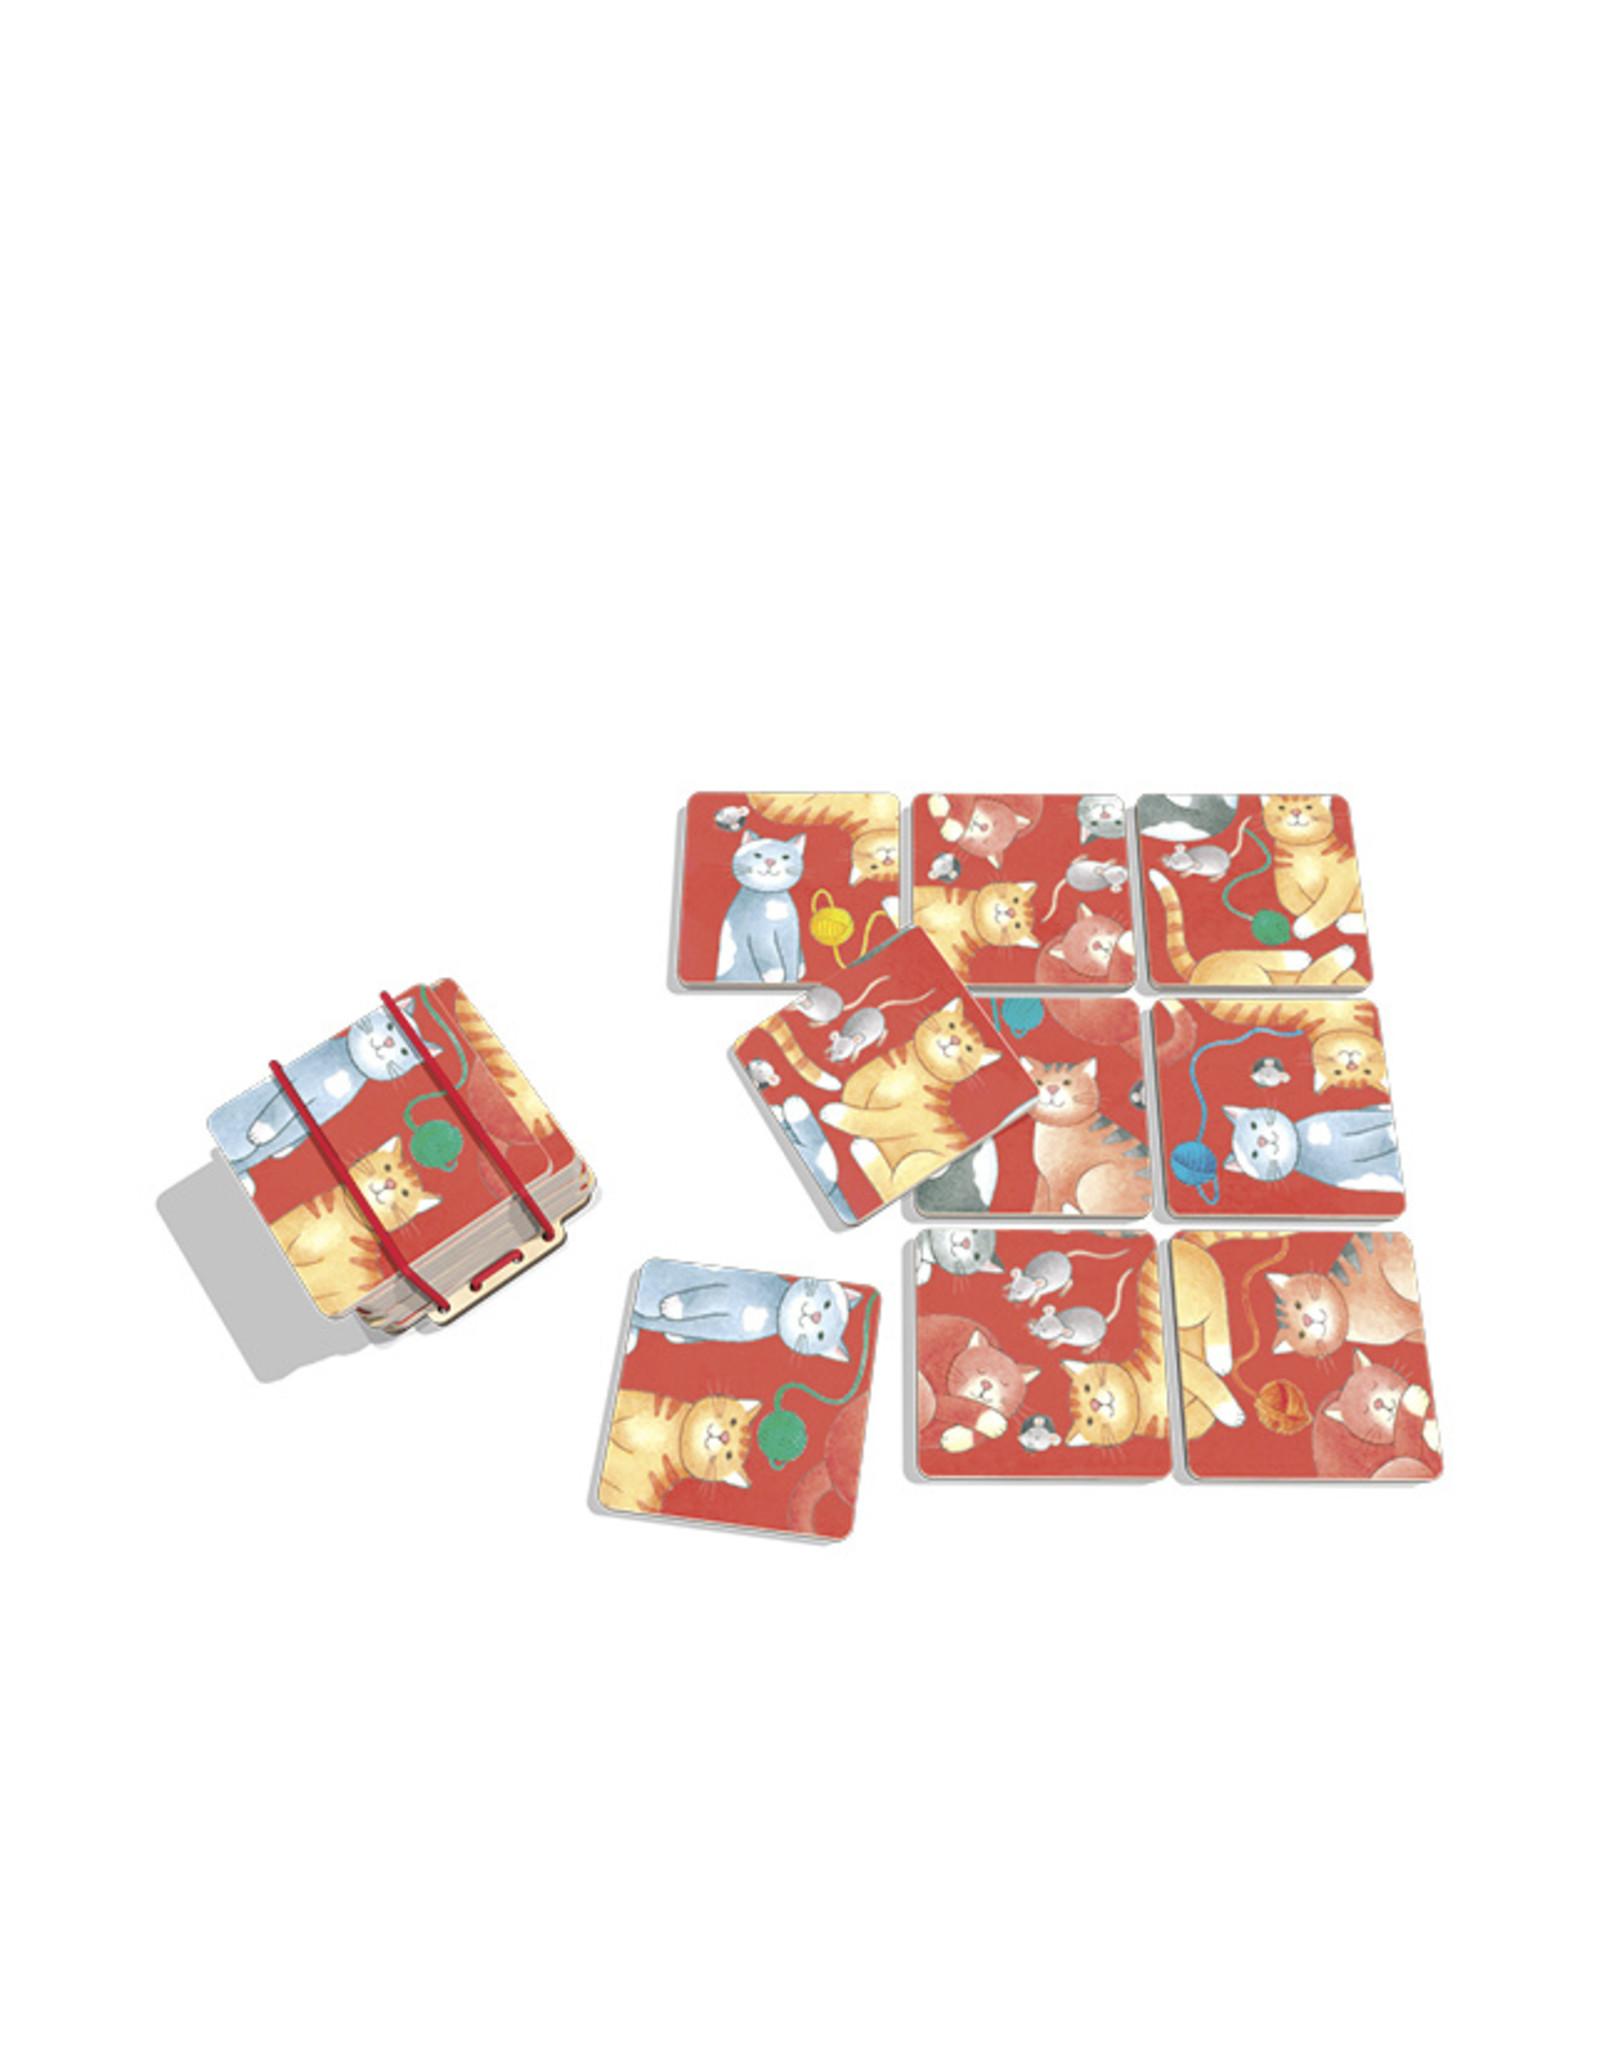 Pocketpuzzles Katzen  Basel 7x6x5 9-teilig